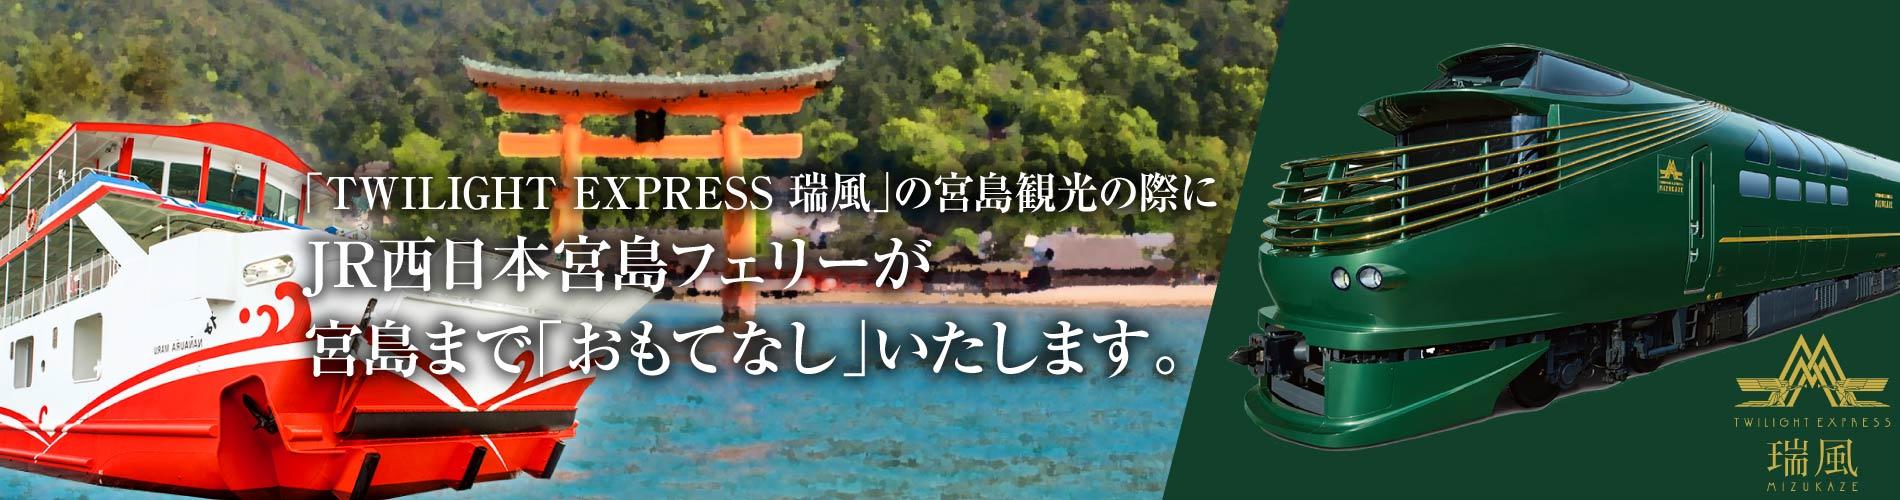 JR西日本宮島フェリーが「TWILIGHT EXPRESS 瑞風」の宮島観光の際にJR西日本宮島フェリーが宮島まで「おもてなし」いたします。